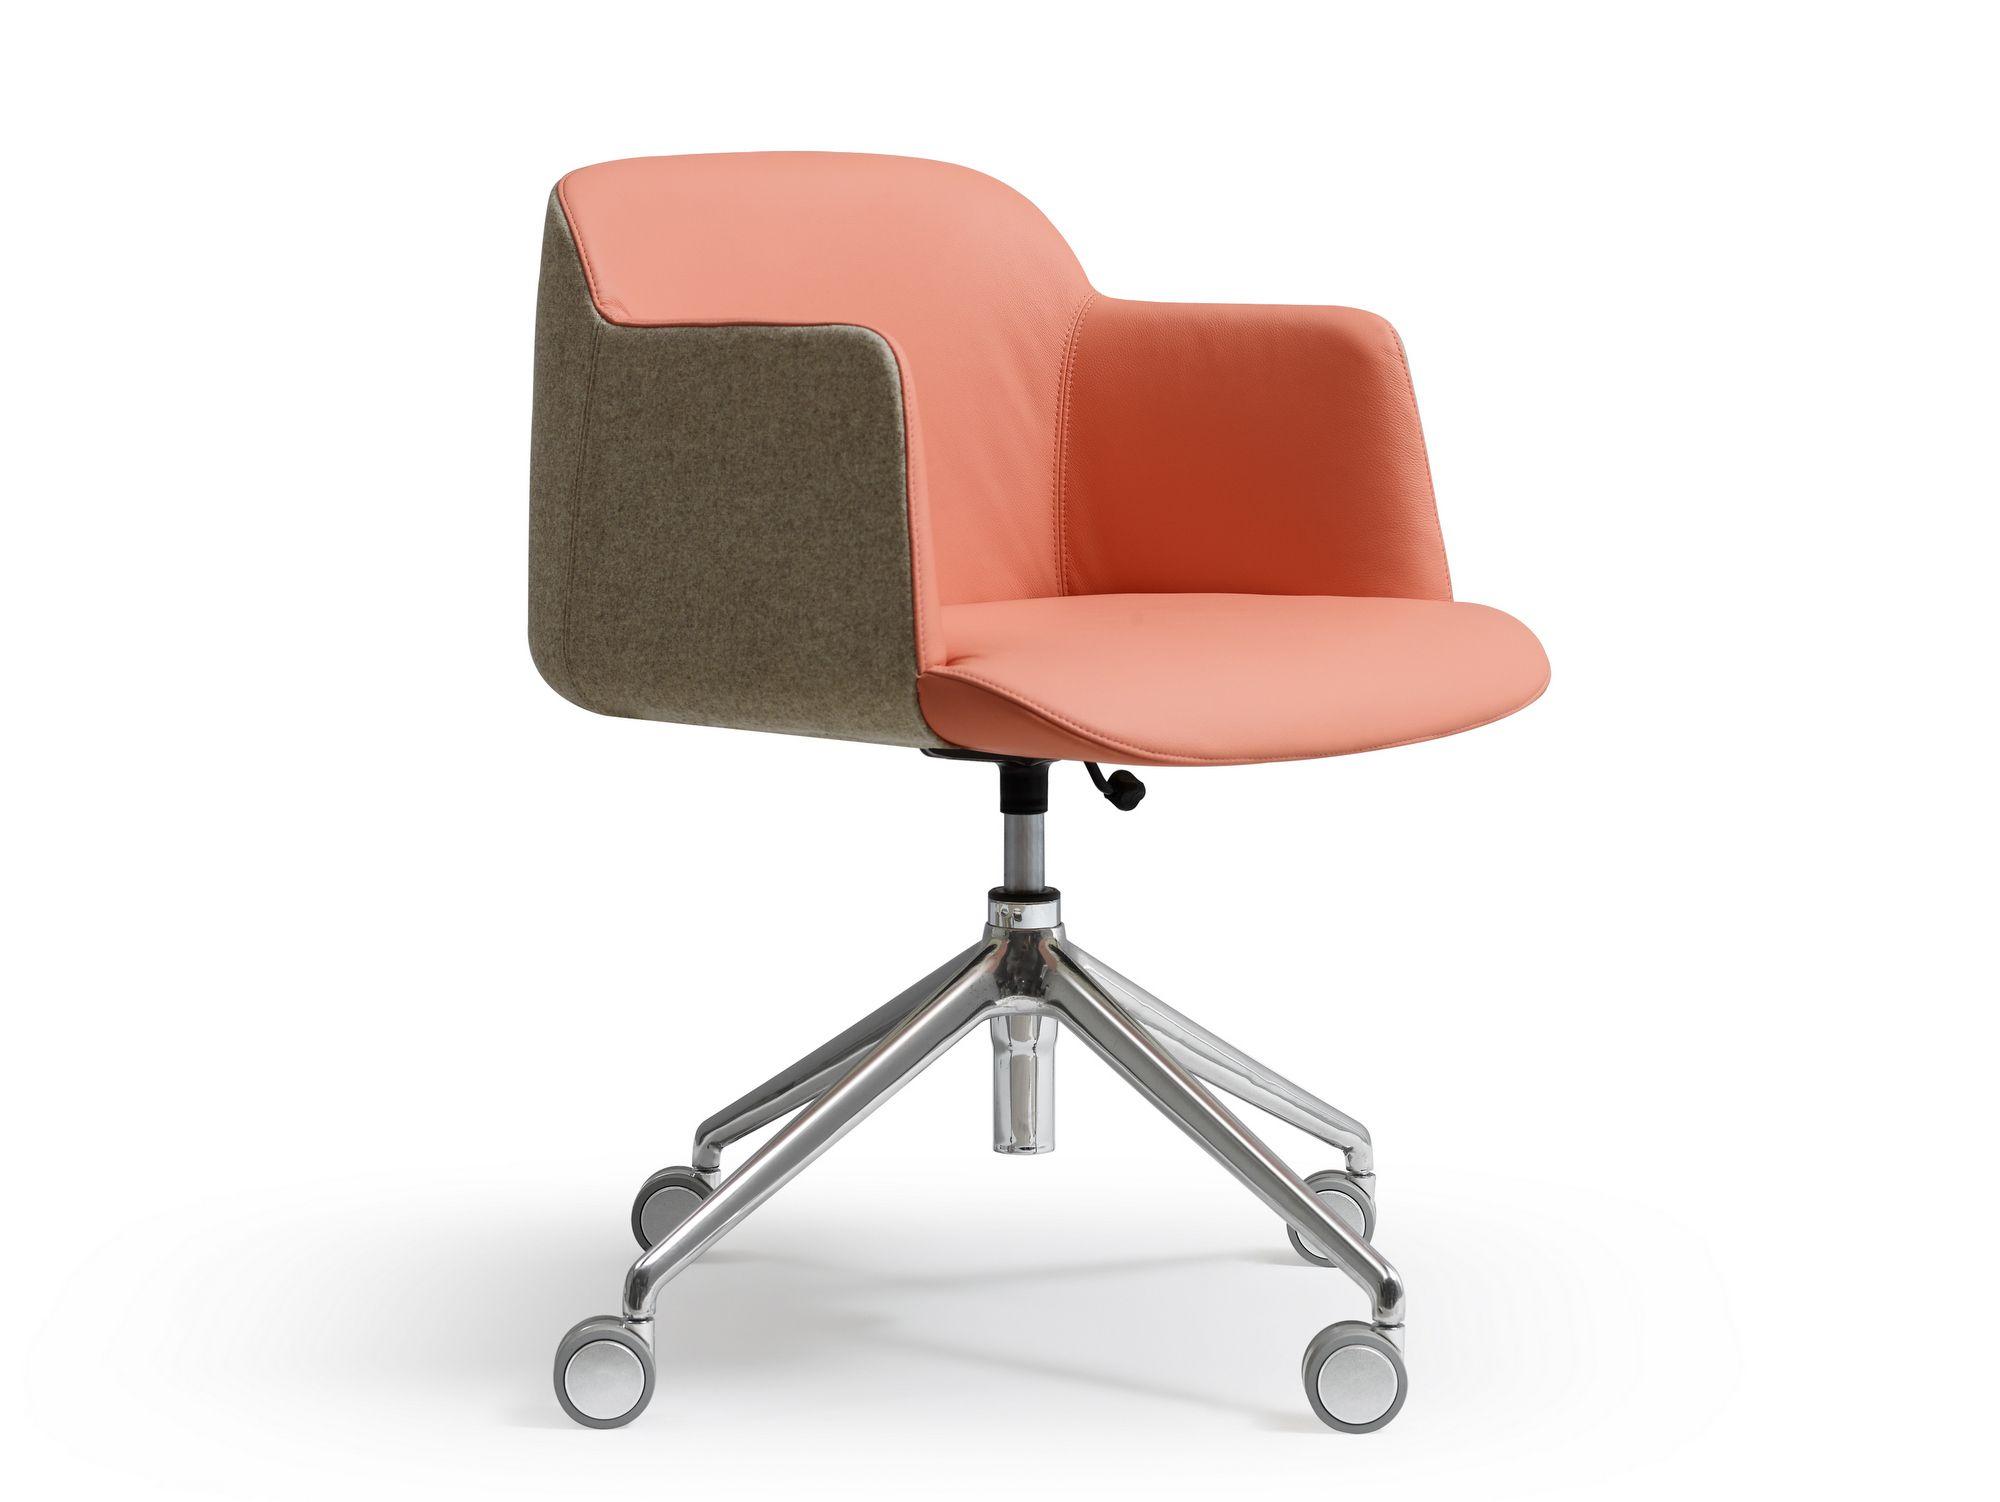 Sedie Ufficio Vendita : Sedie ufficio padova attesa with sedie ufficio padova arper